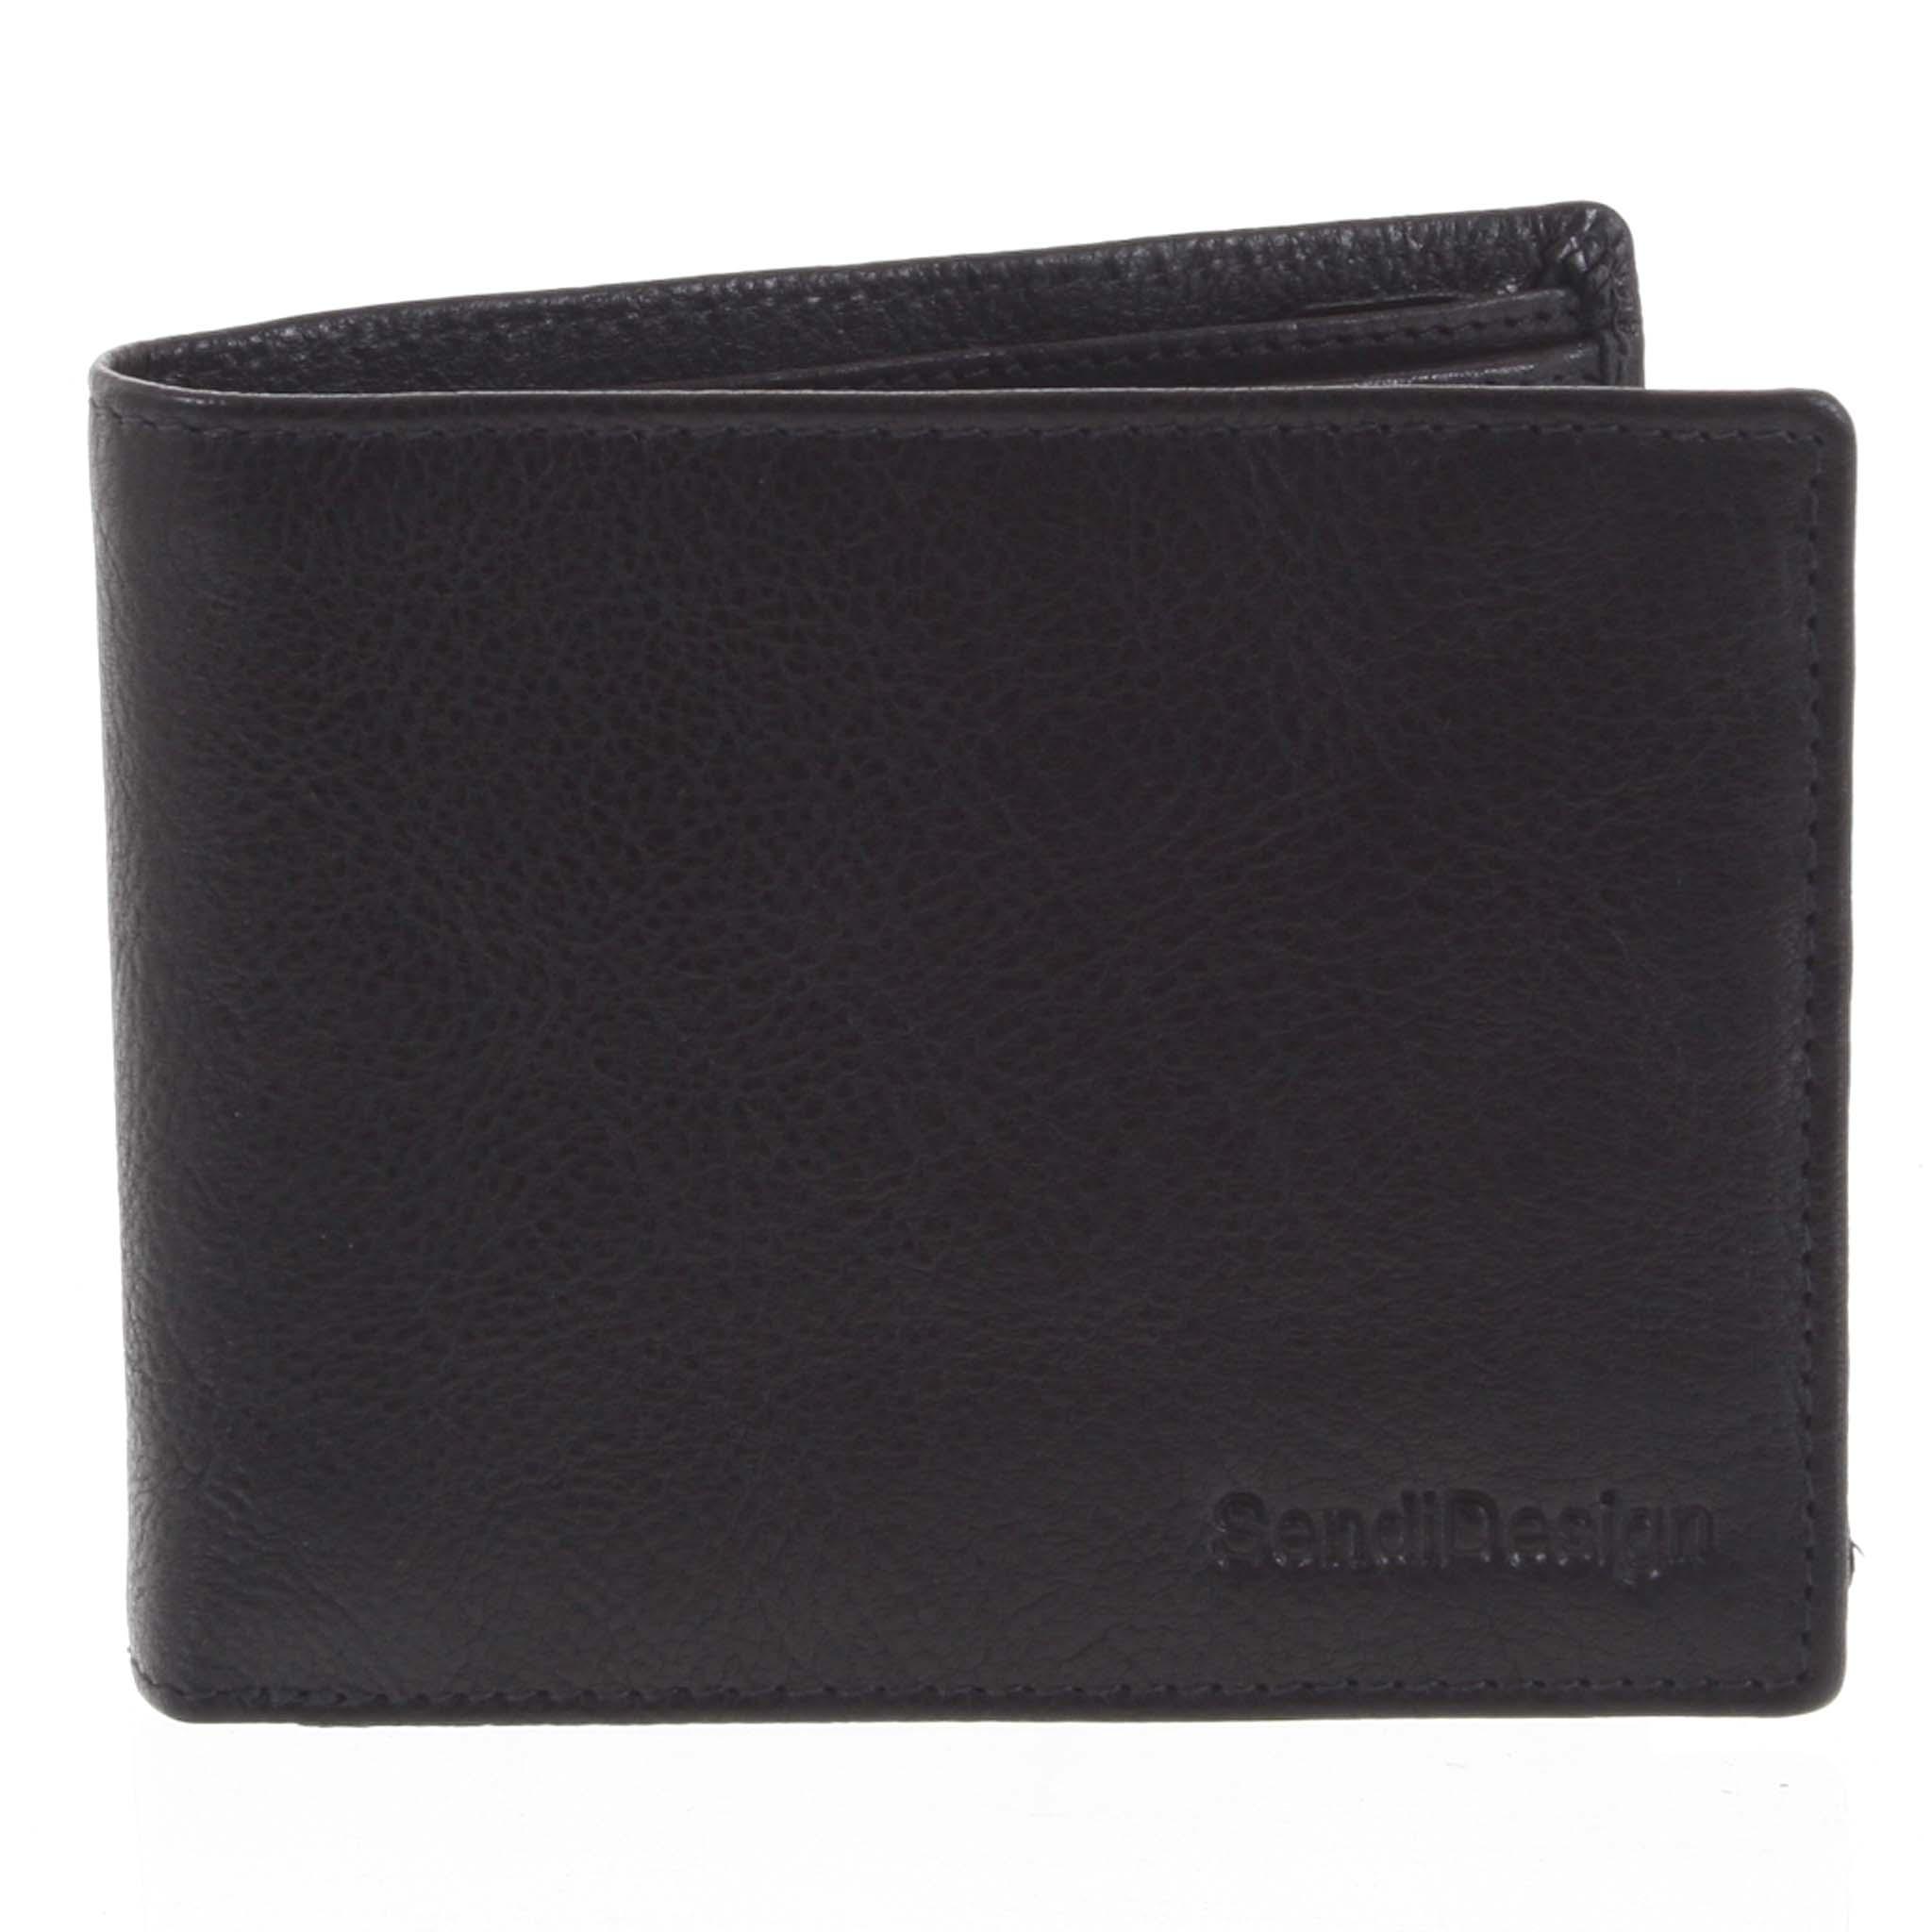 Pánská kožená peněženka černá - SendiDesign Maty